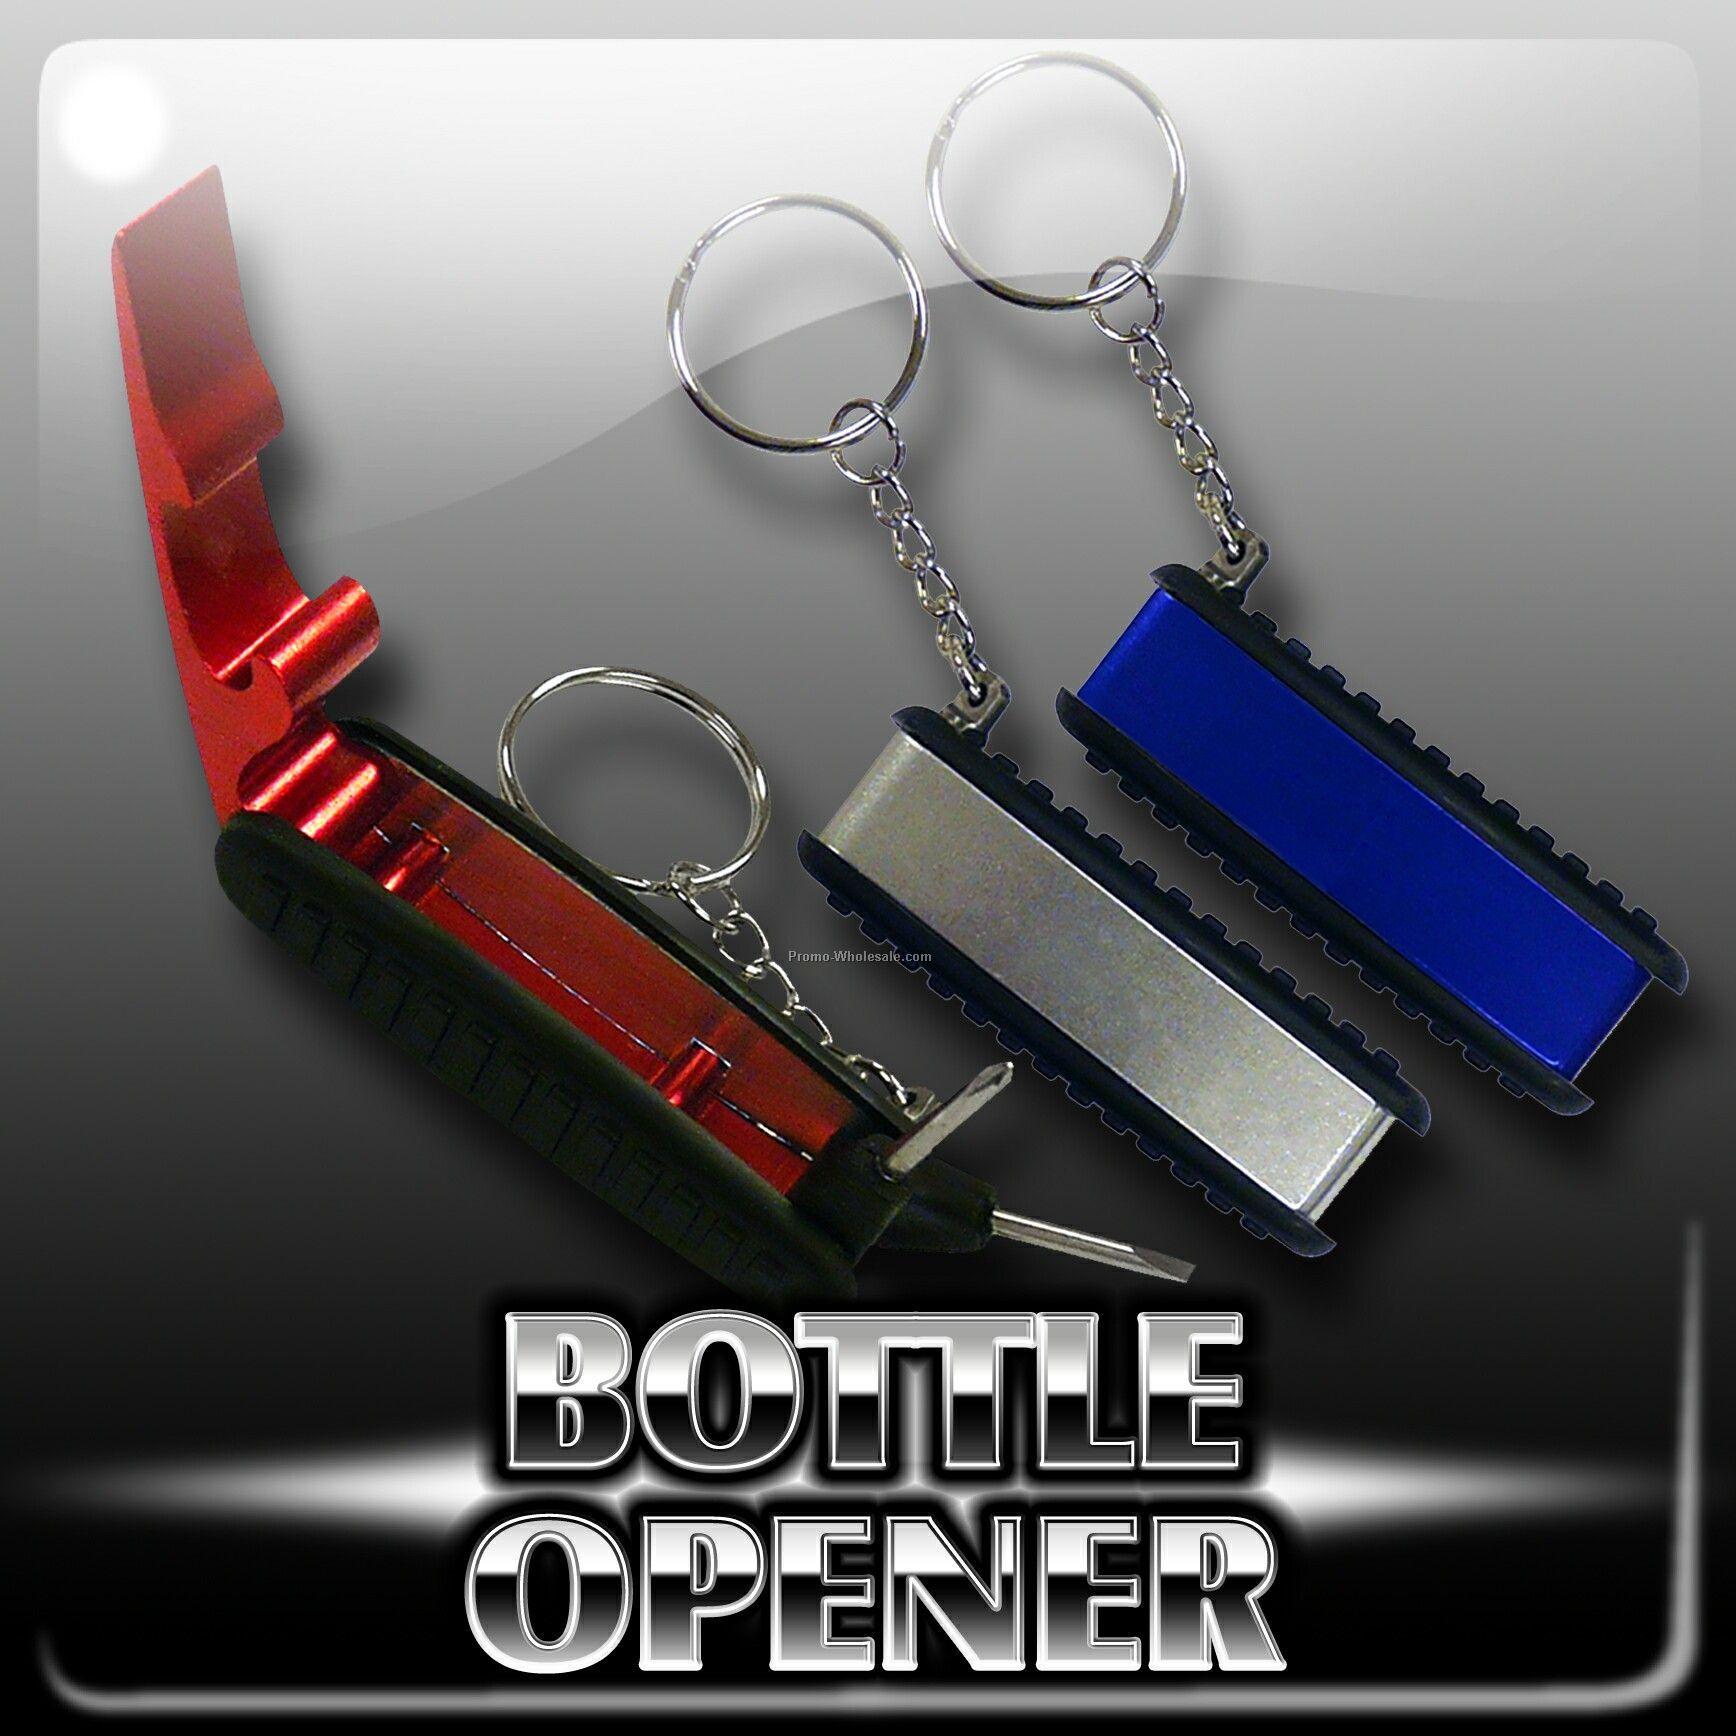 bottle opener flash drive keychain usb flash drive bottle opener keychain gadgetsin usb flash. Black Bedroom Furniture Sets. Home Design Ideas